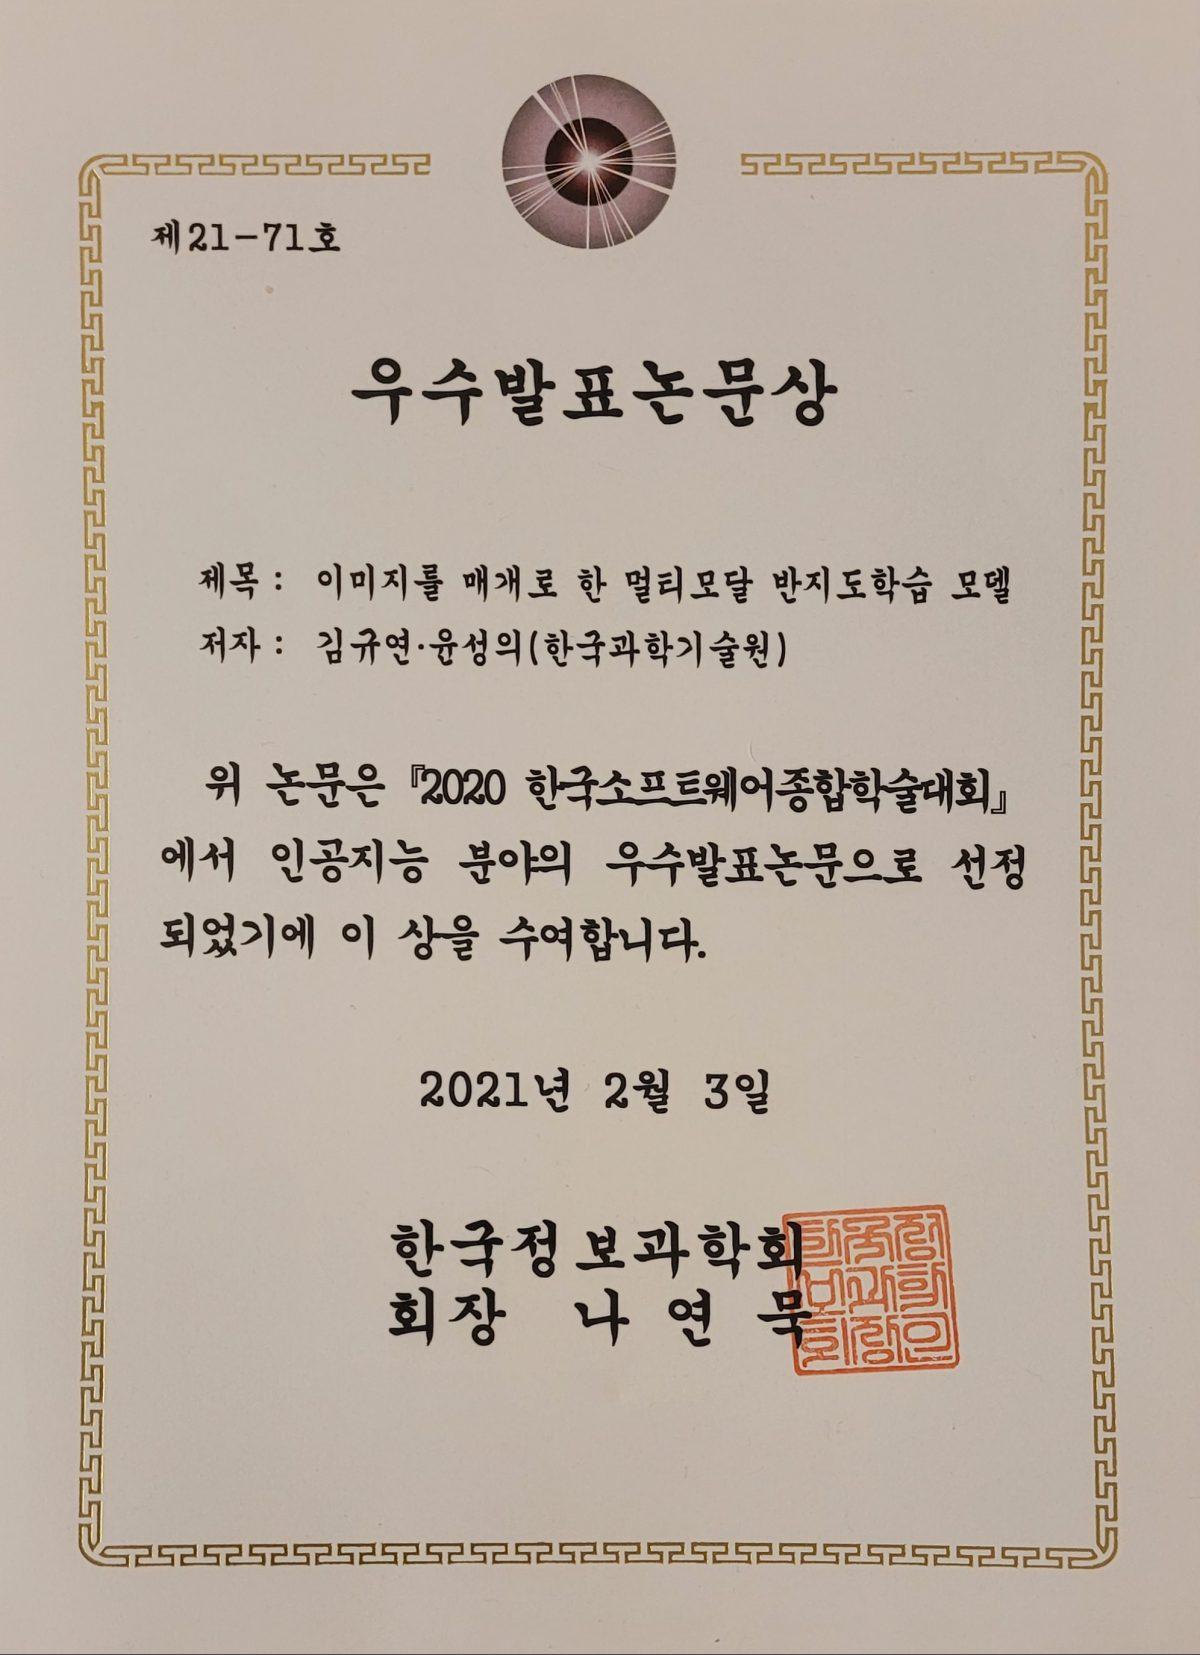 [정보과학회] KSC2020 우수발표논문상 수상